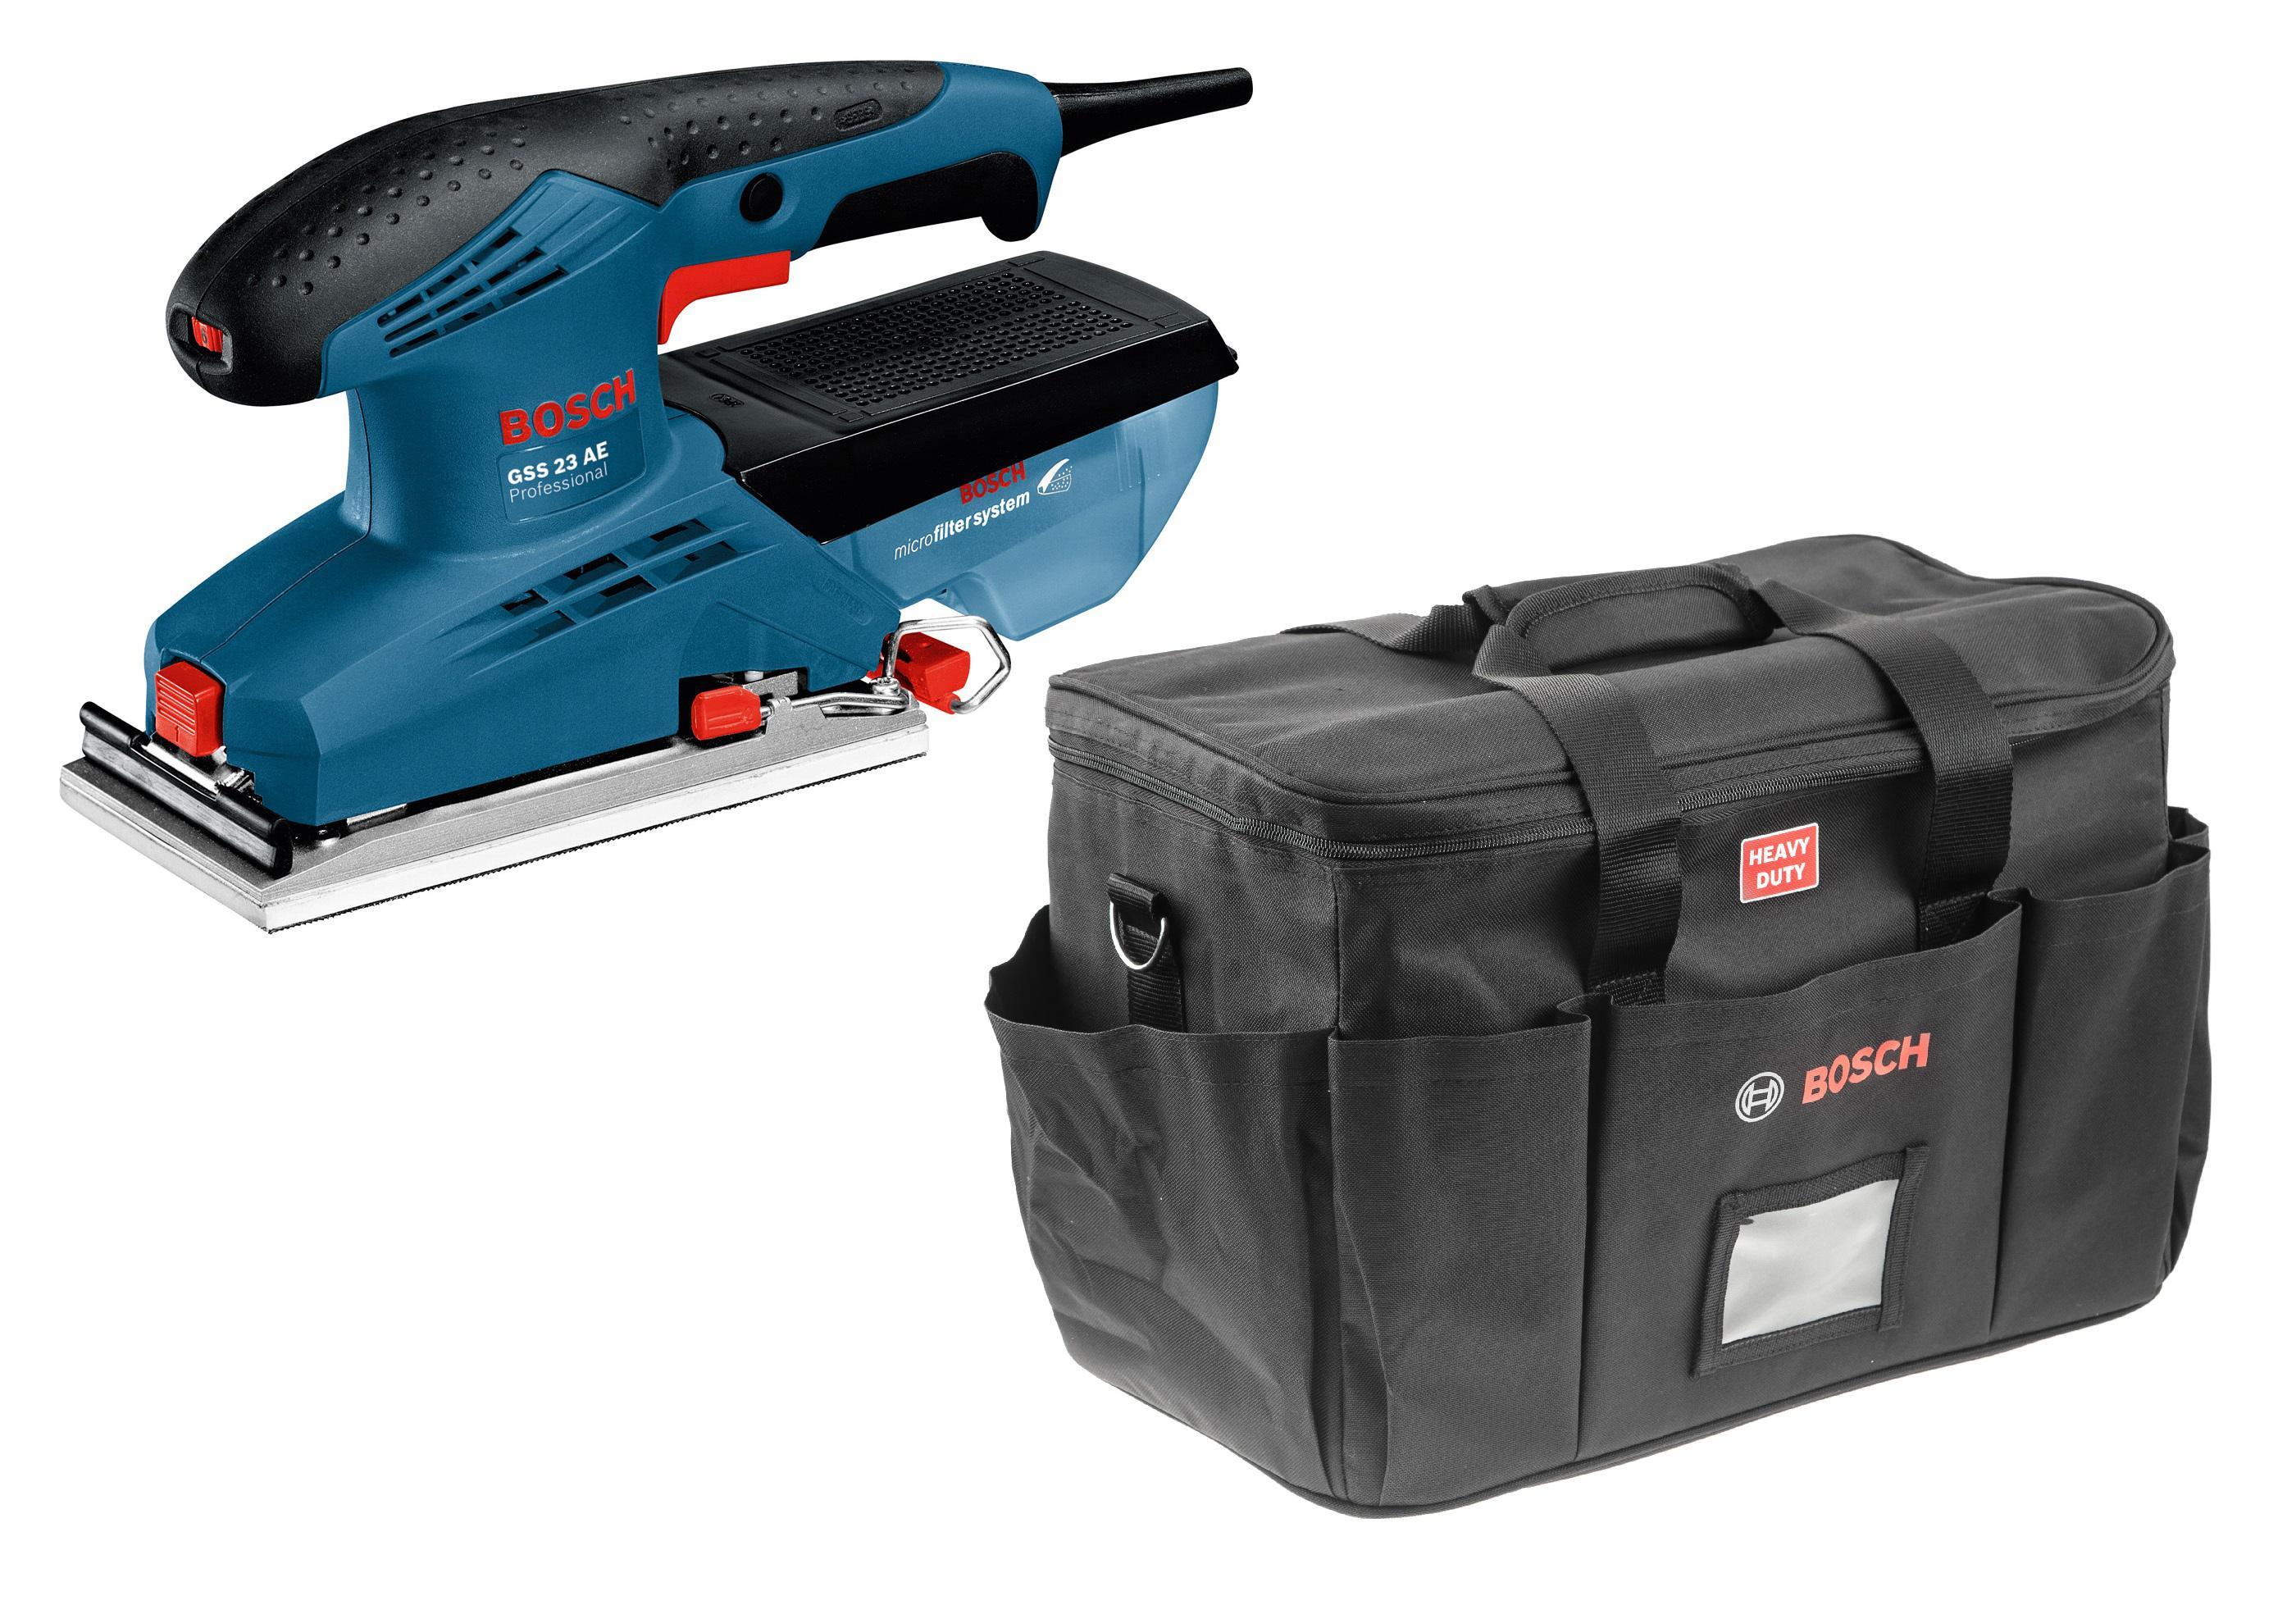 Набор Bosch Машинка шлифовальная плоская (вибрационная) gss 23 ae (0.601.070.721) + Сумка